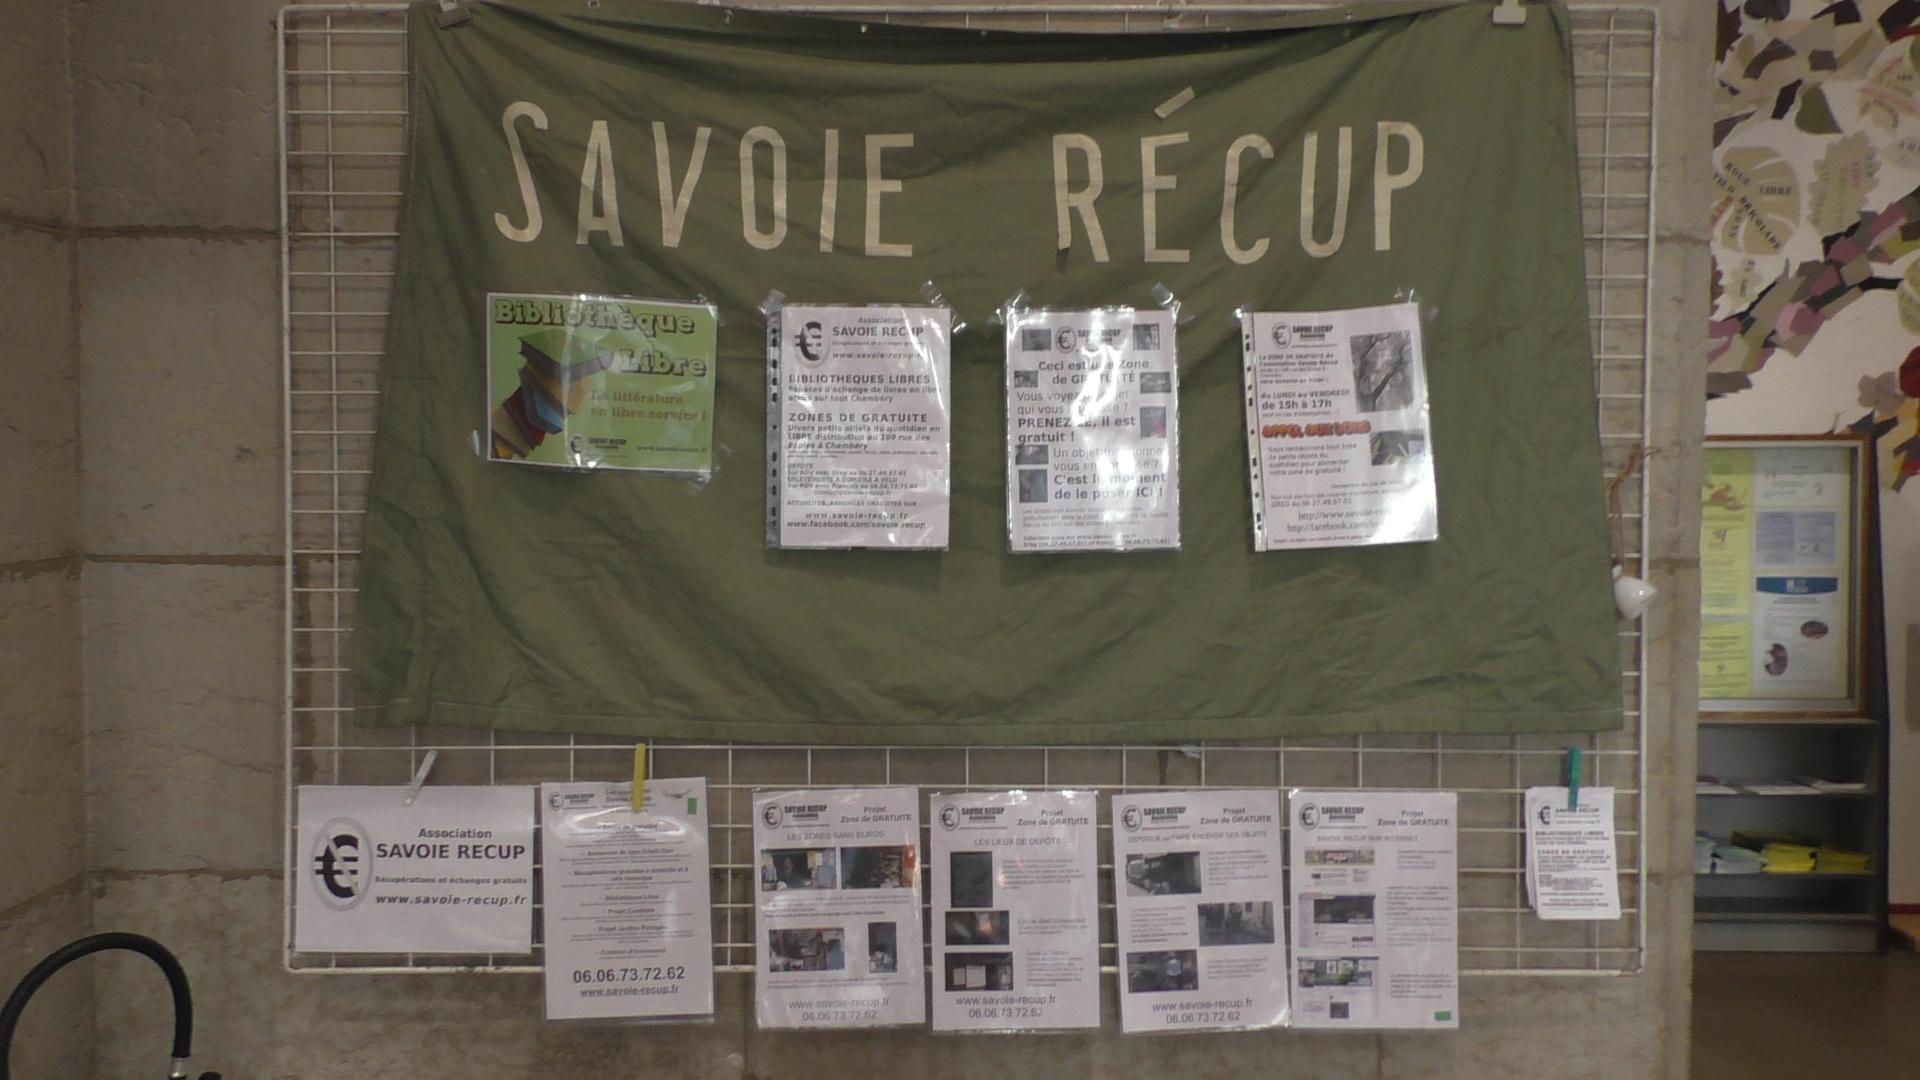 expo-savoie-recup-maison-asso-dec-2016